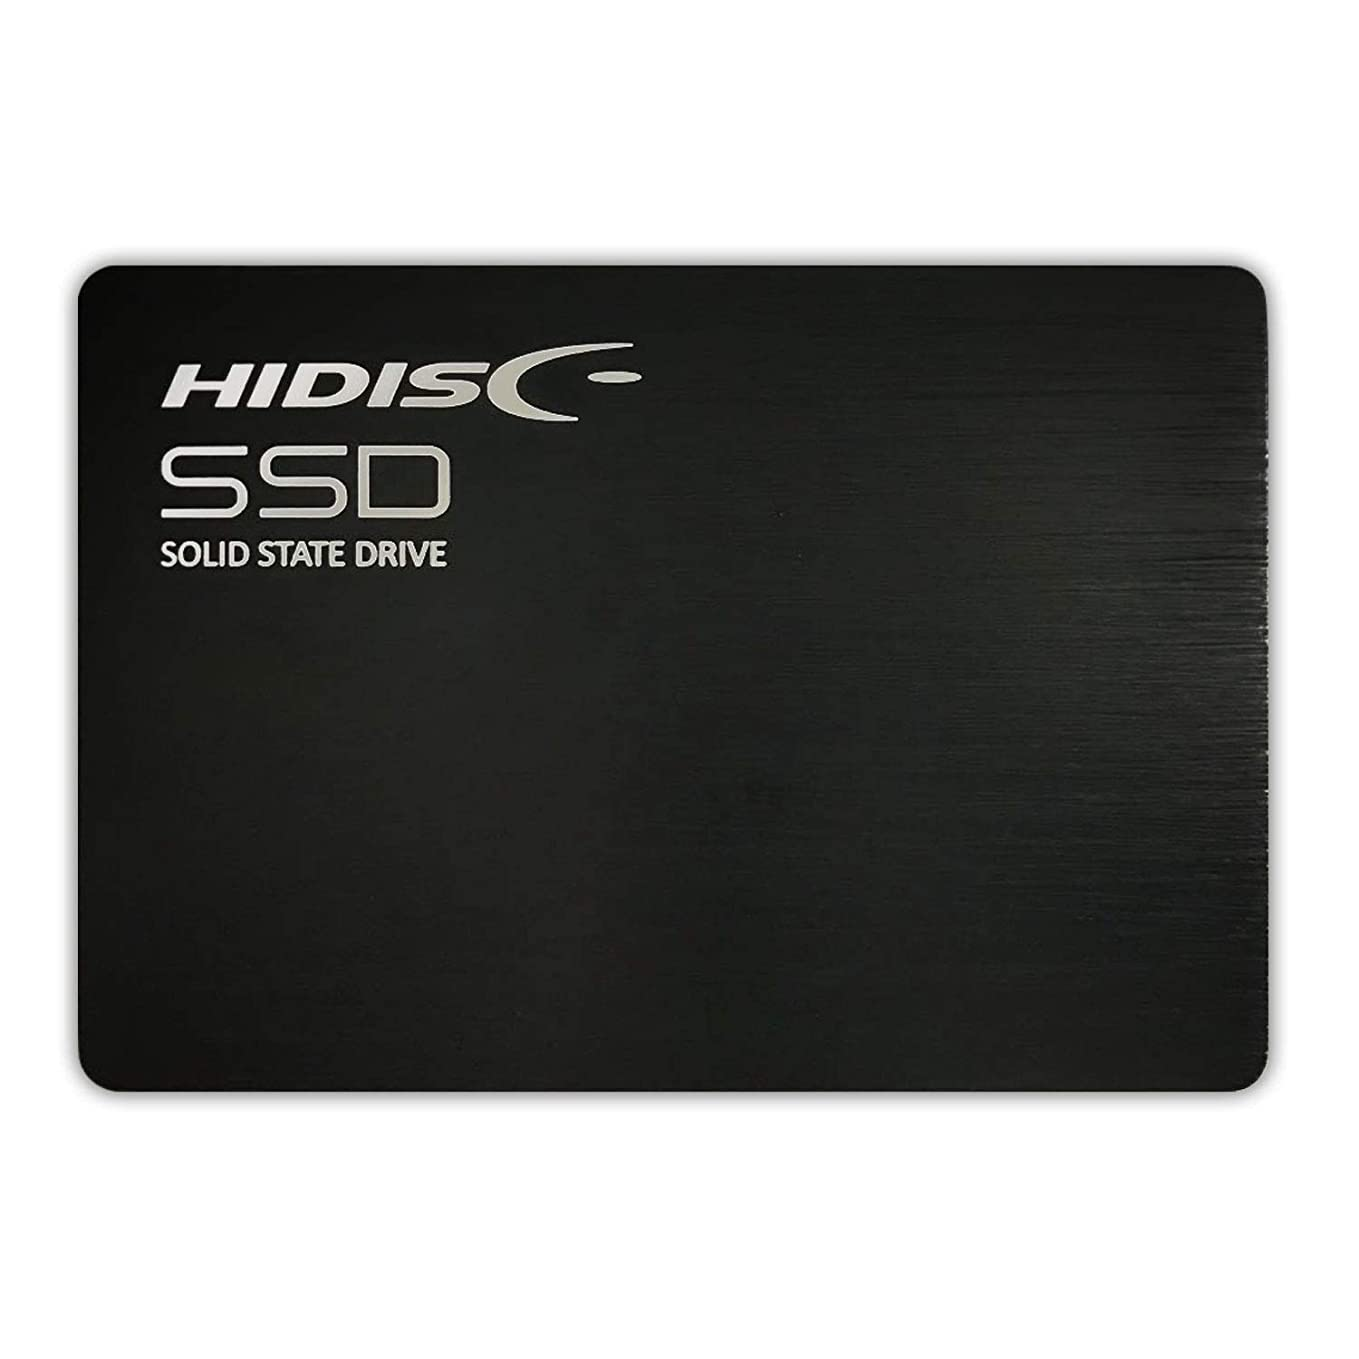 の配列巻き取り乗算HIDISC 2.5インチ 内蔵型SSD 120GB SATA6Gb/s 7mm HDSSD120GJP3